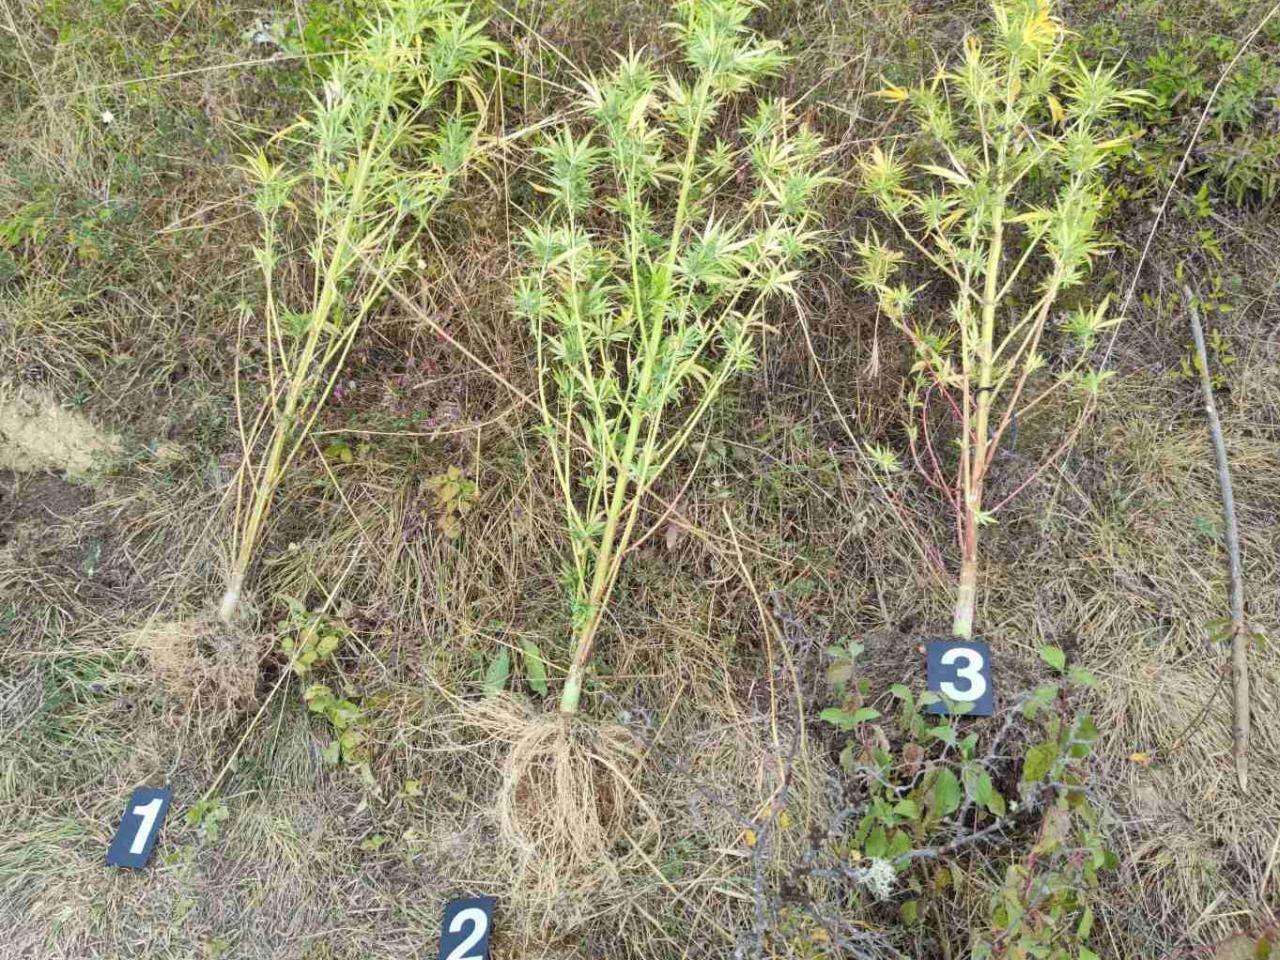 Muškarac iz Pirota osumnjičen za uzgoj marihuane, policija pronašla stabljike i semenke